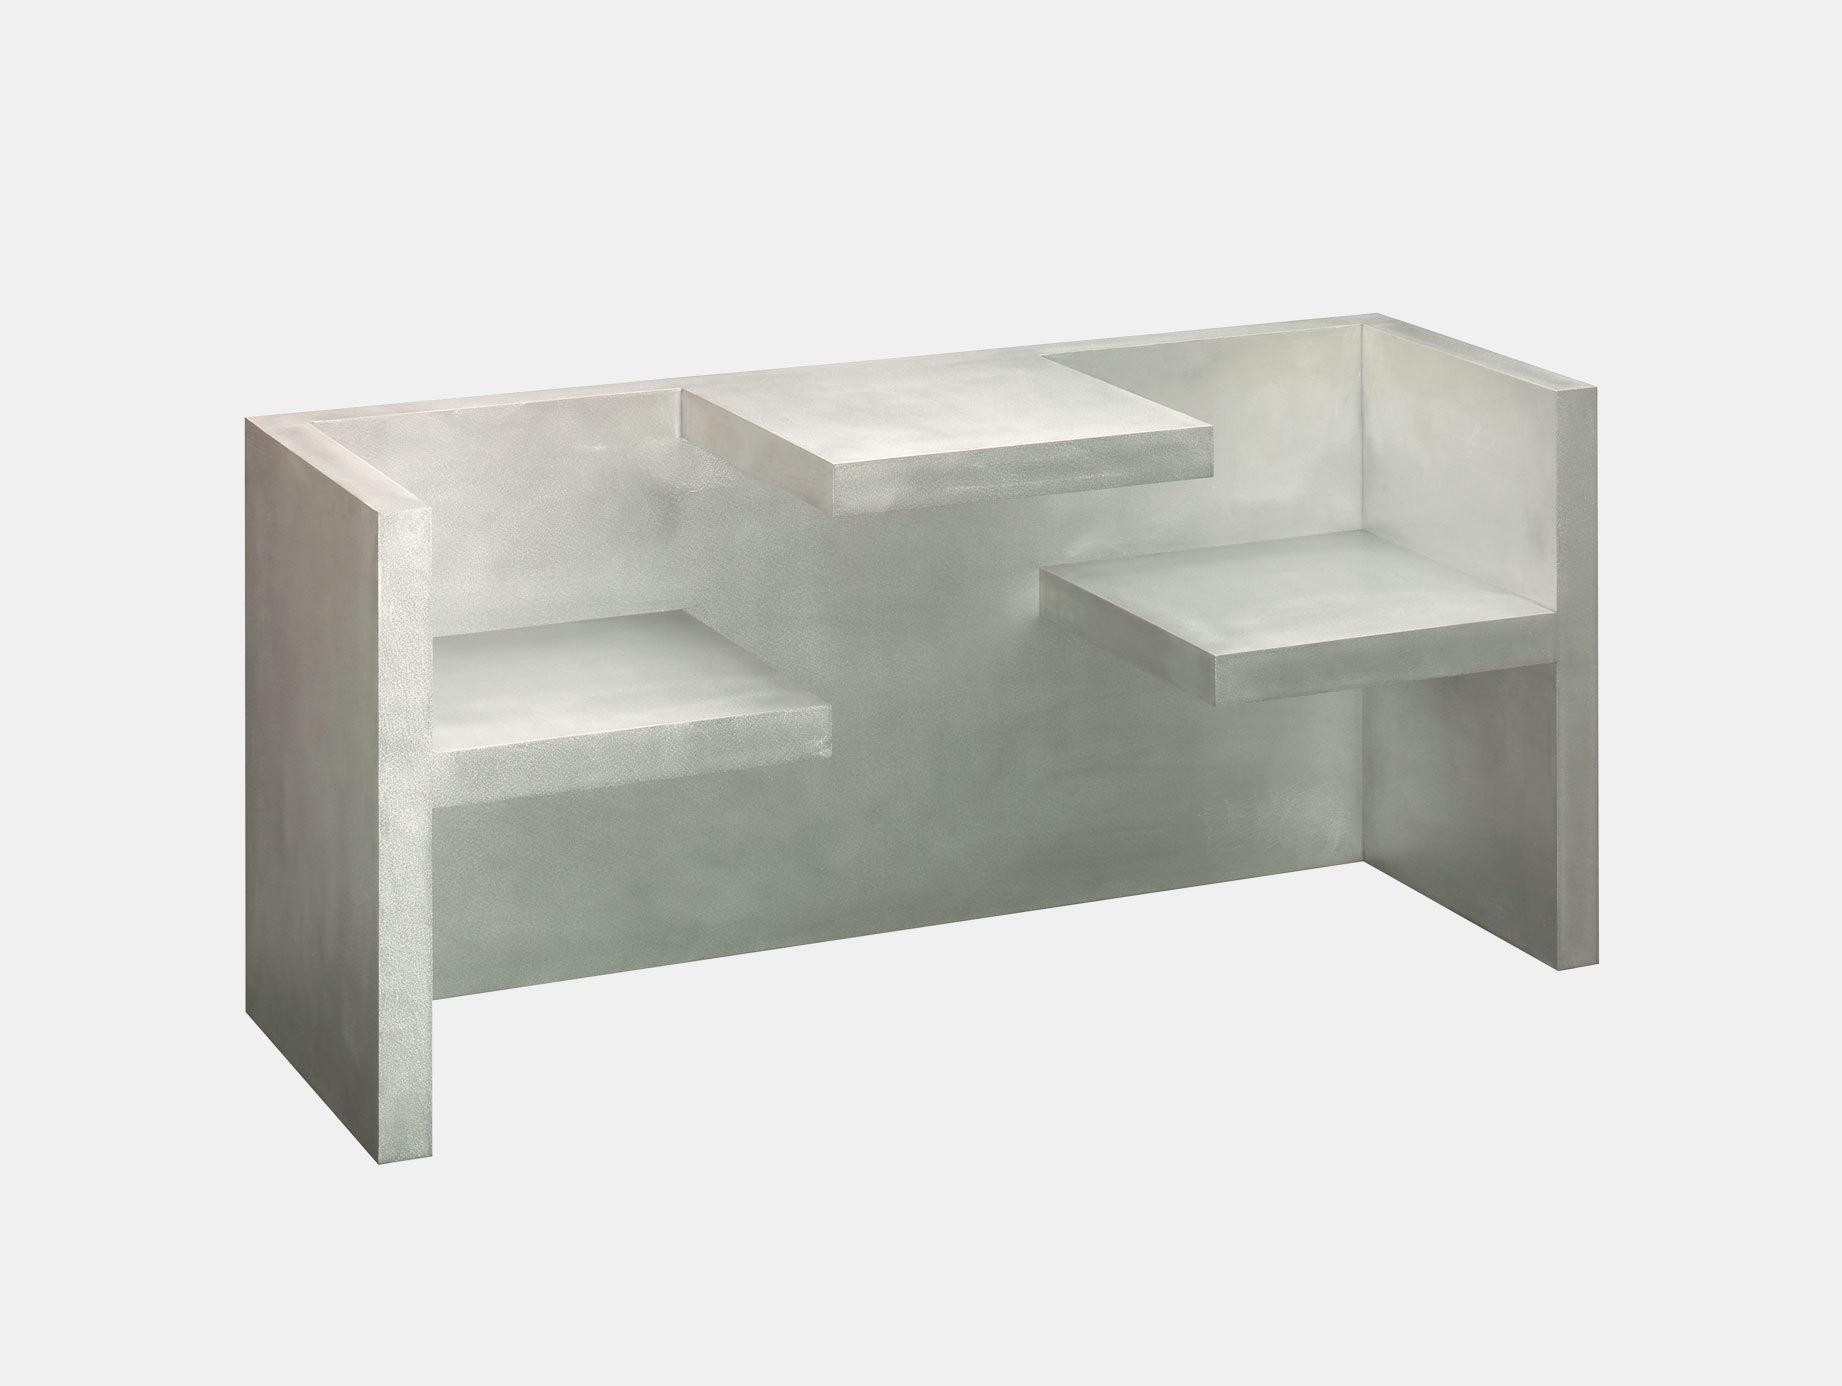 E15 Tafel Bench Aluminium Hans De Pelsmacker